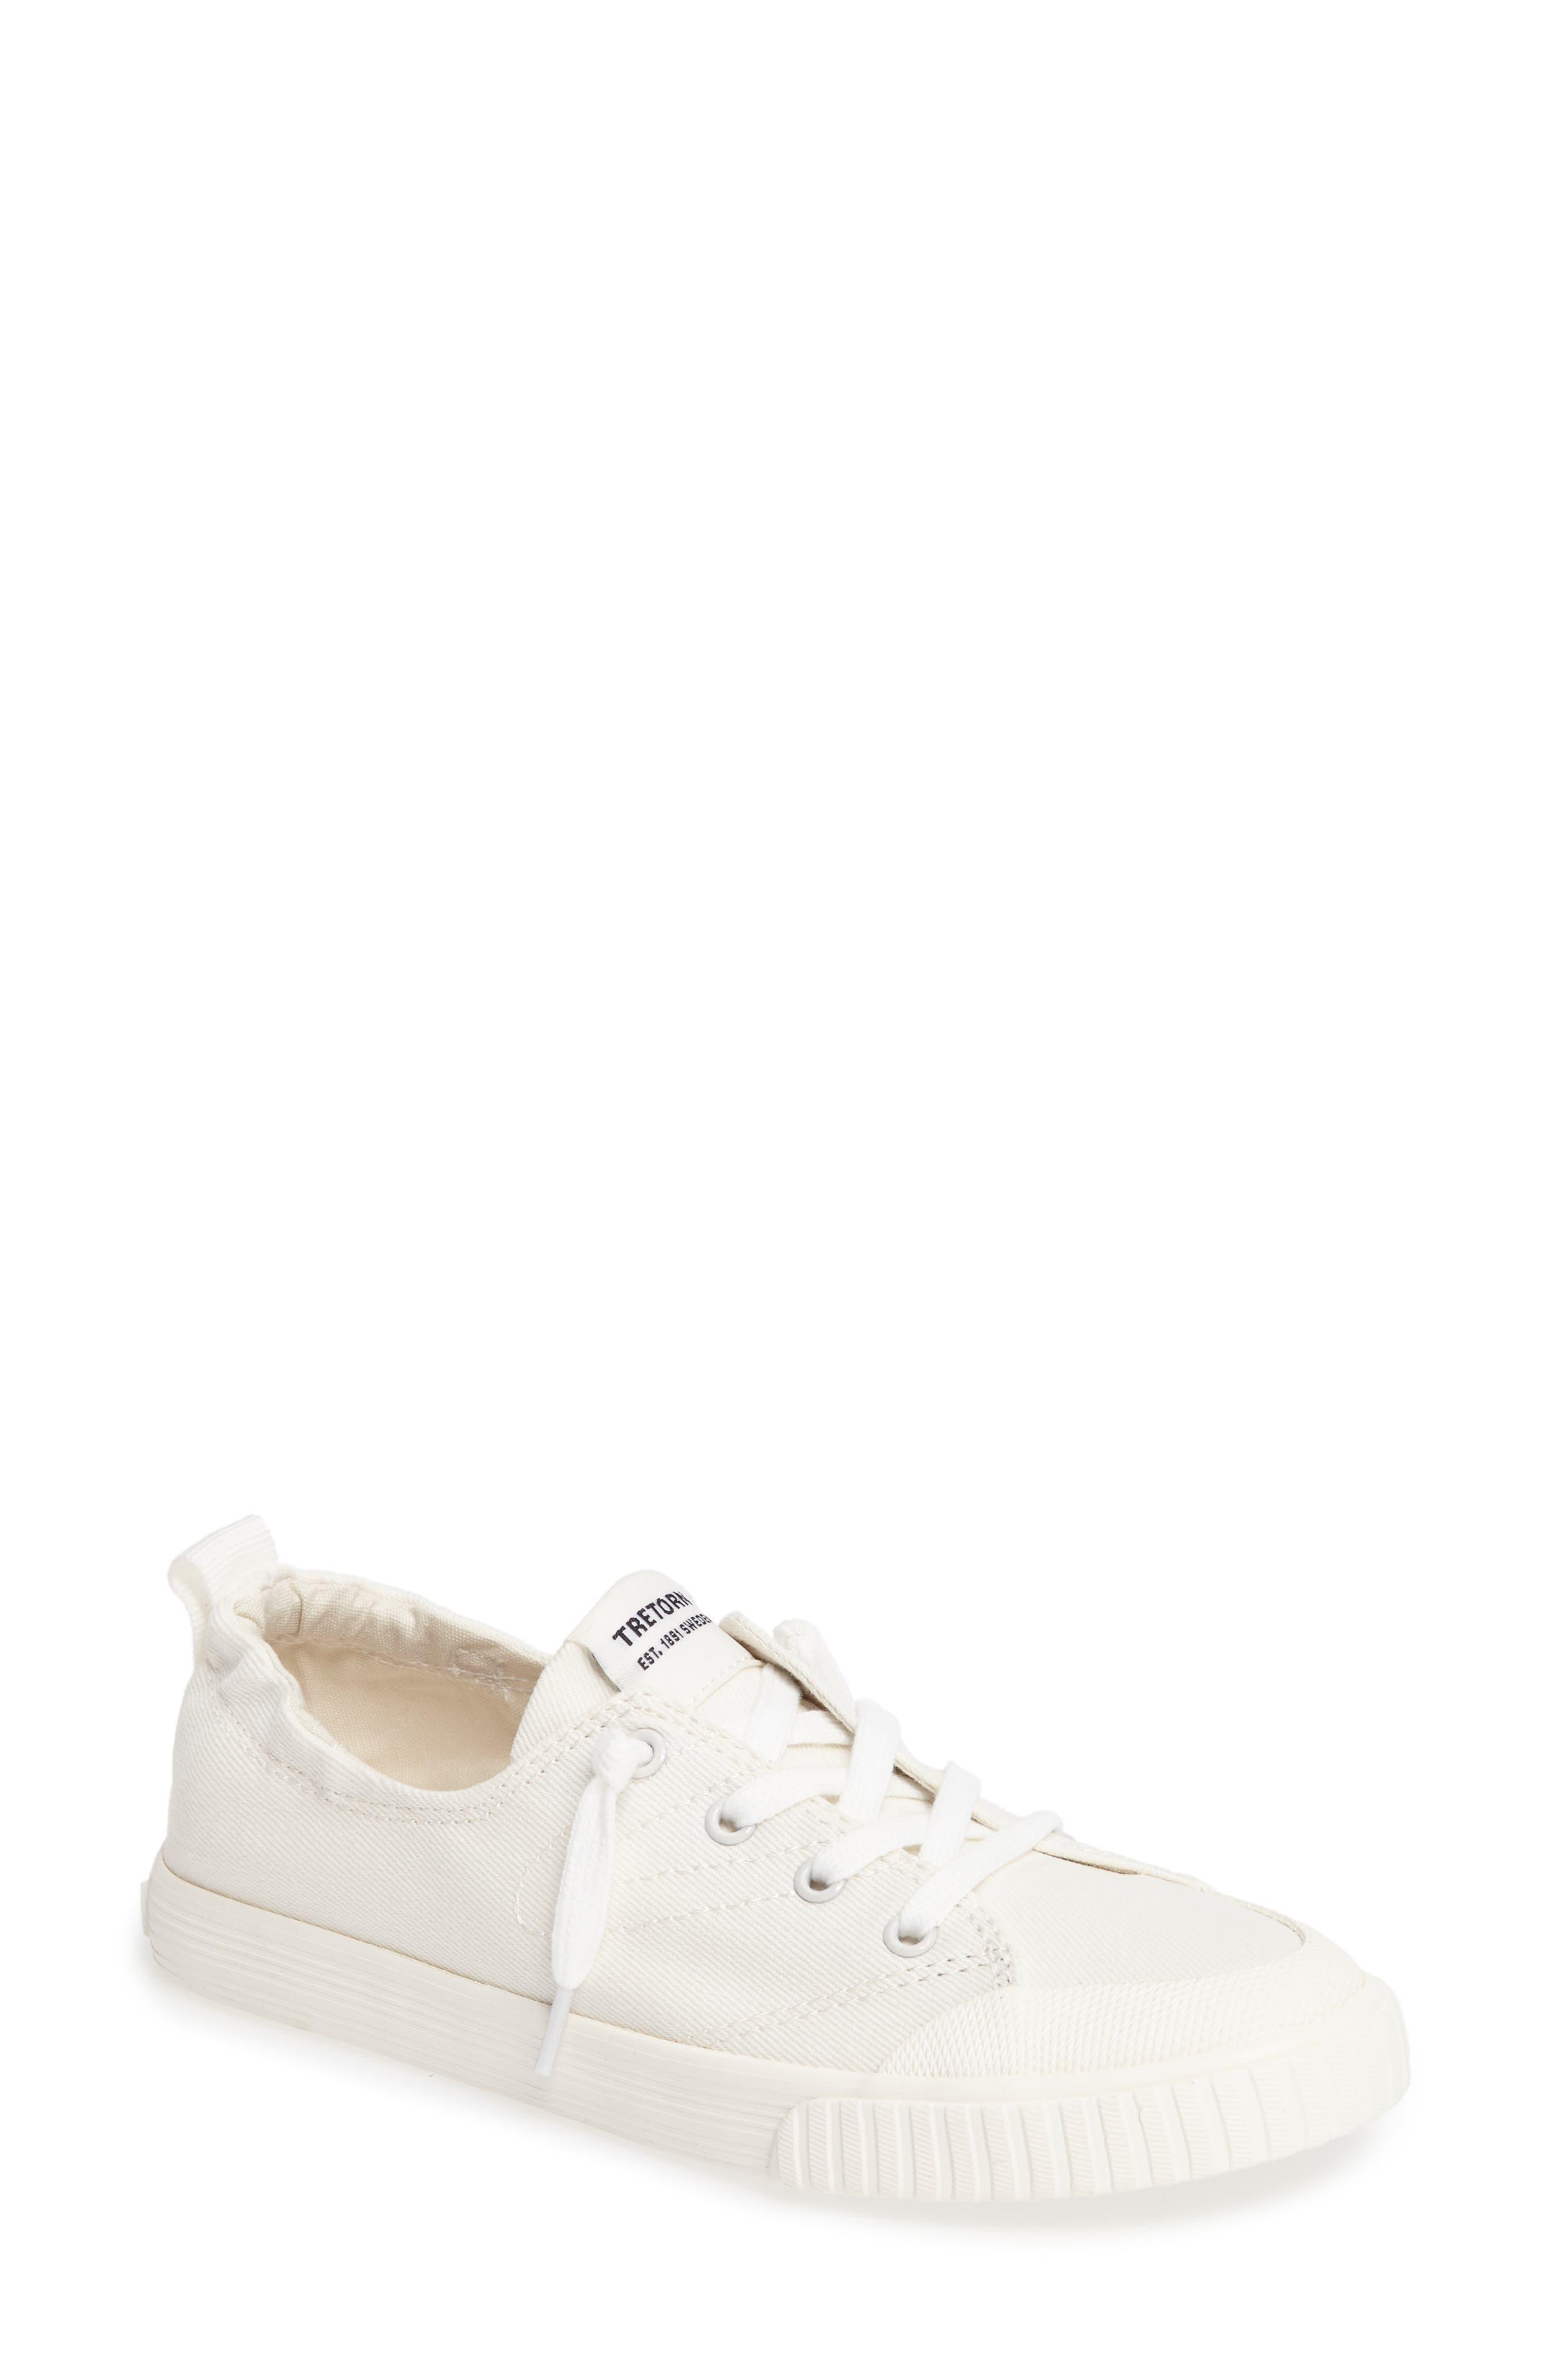 Meg Slip-On Sneaker,                             Main thumbnail 1, color,                             Vintage White